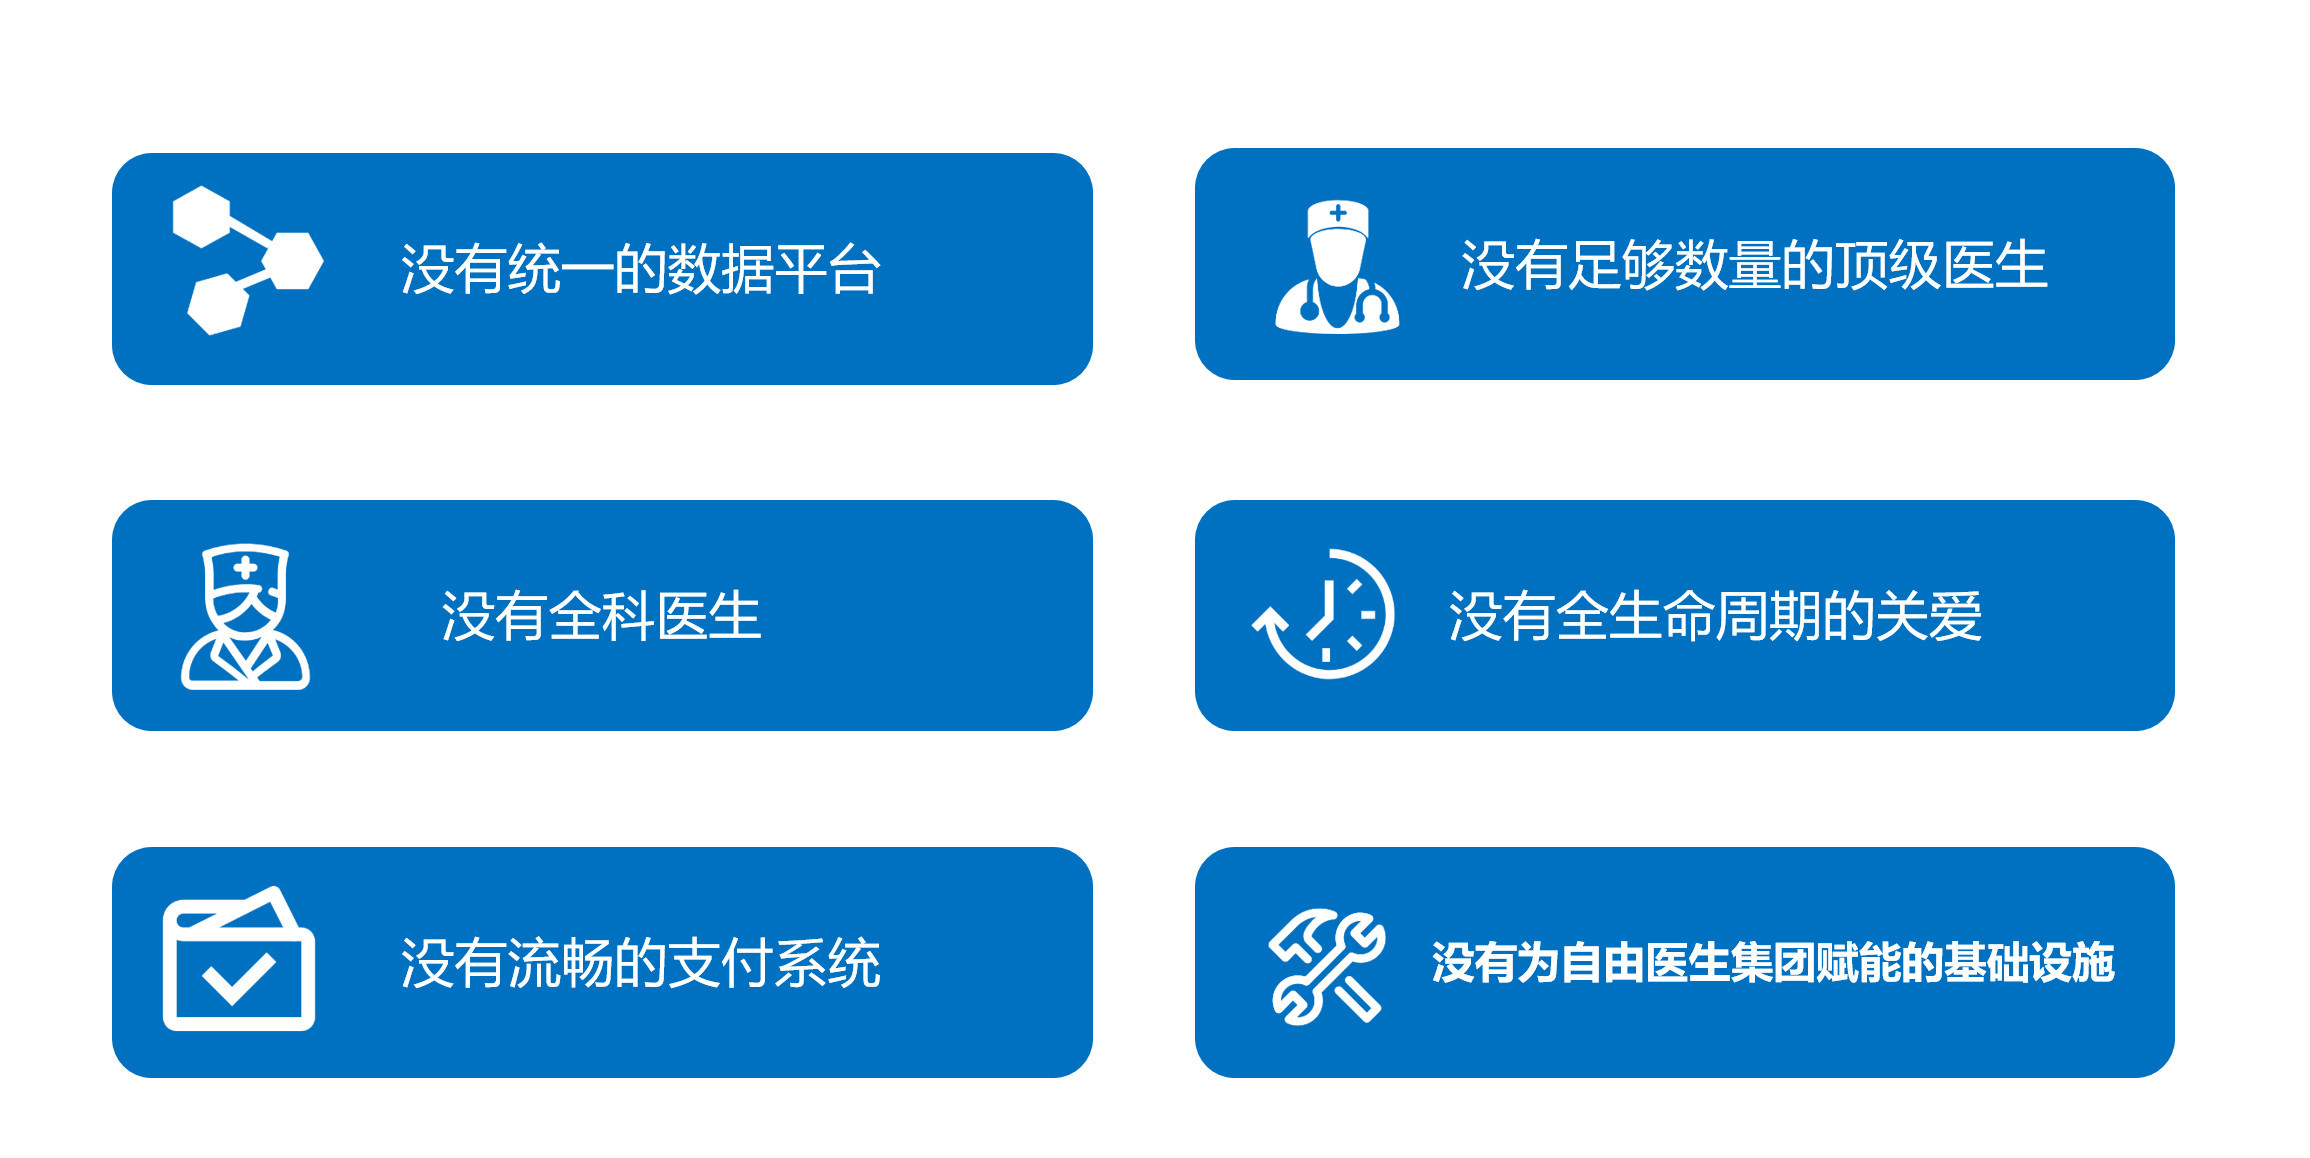 图04:我国基础医疗供给六大缺口 来源:李有龙《保险业生态战略系列培训课程》